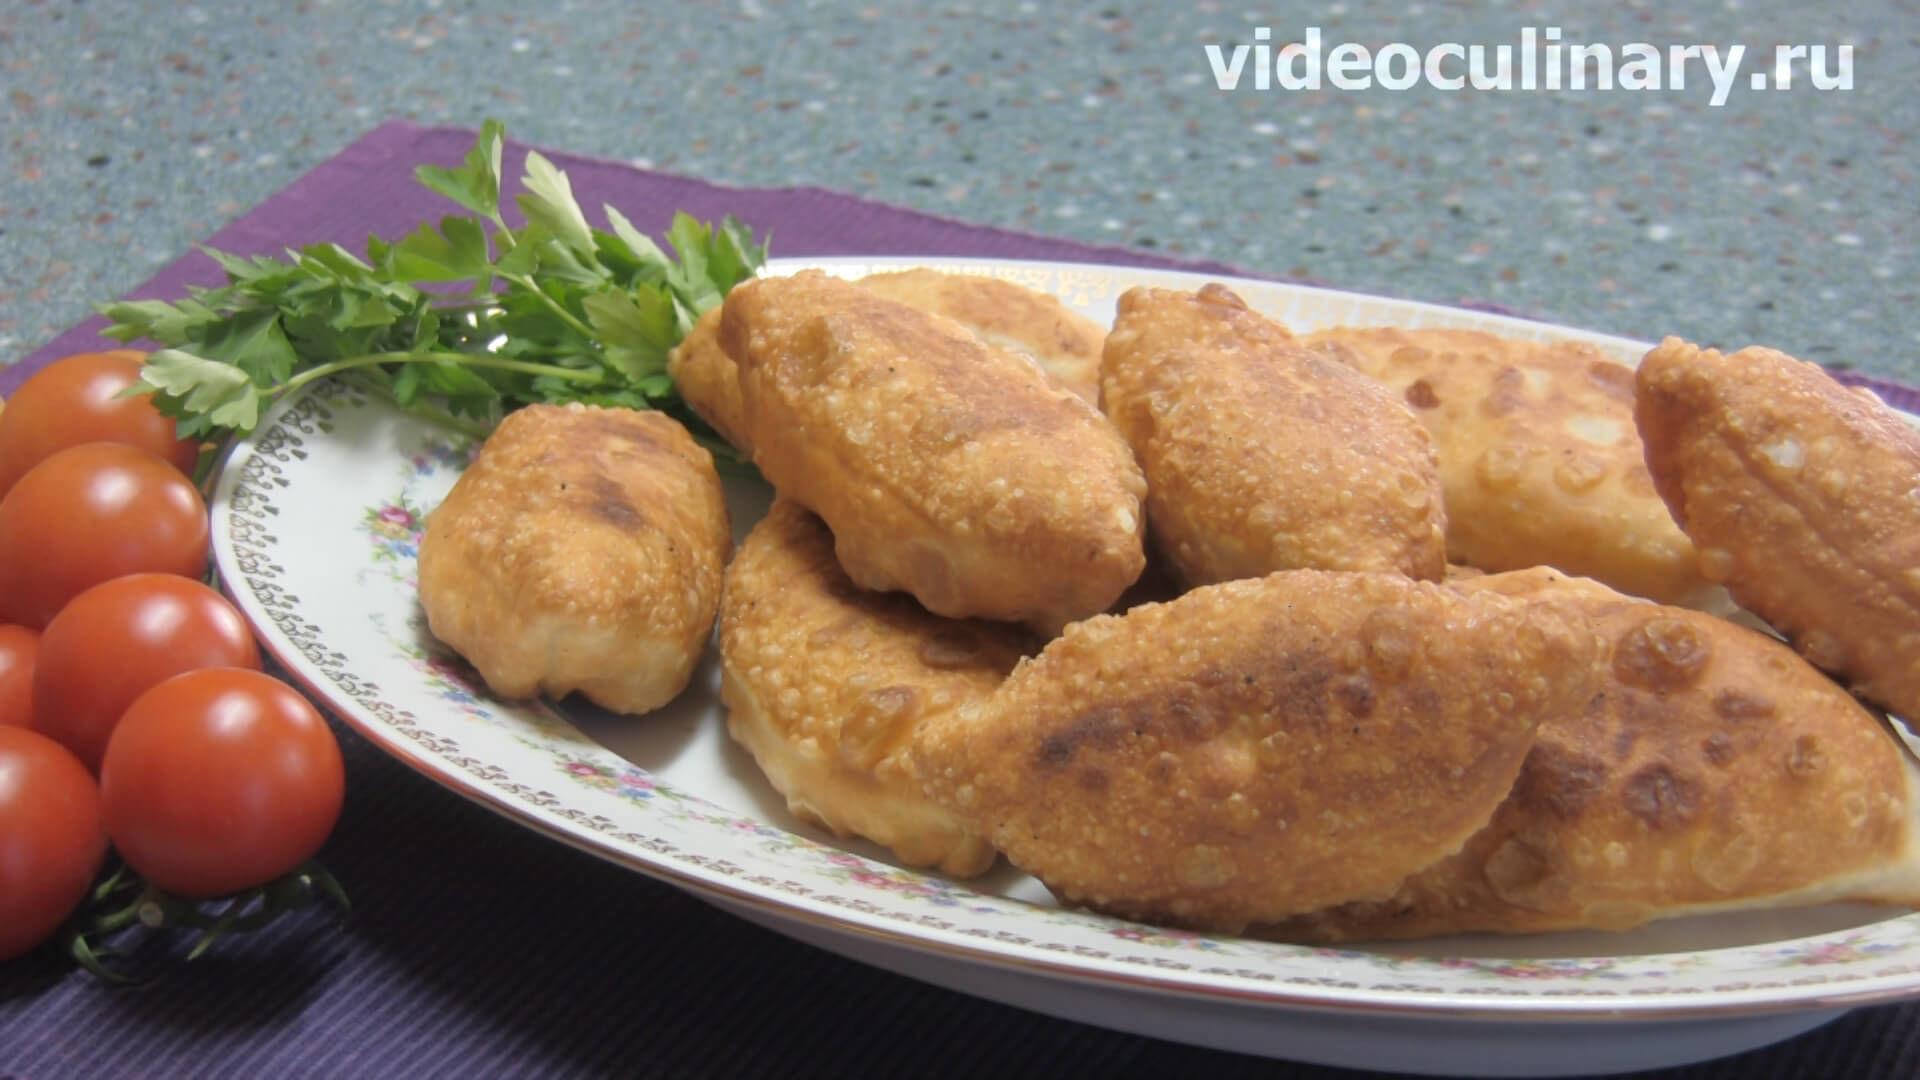 Рецепт жареных пирожков с картошкой на сухих дрожжах рецепт